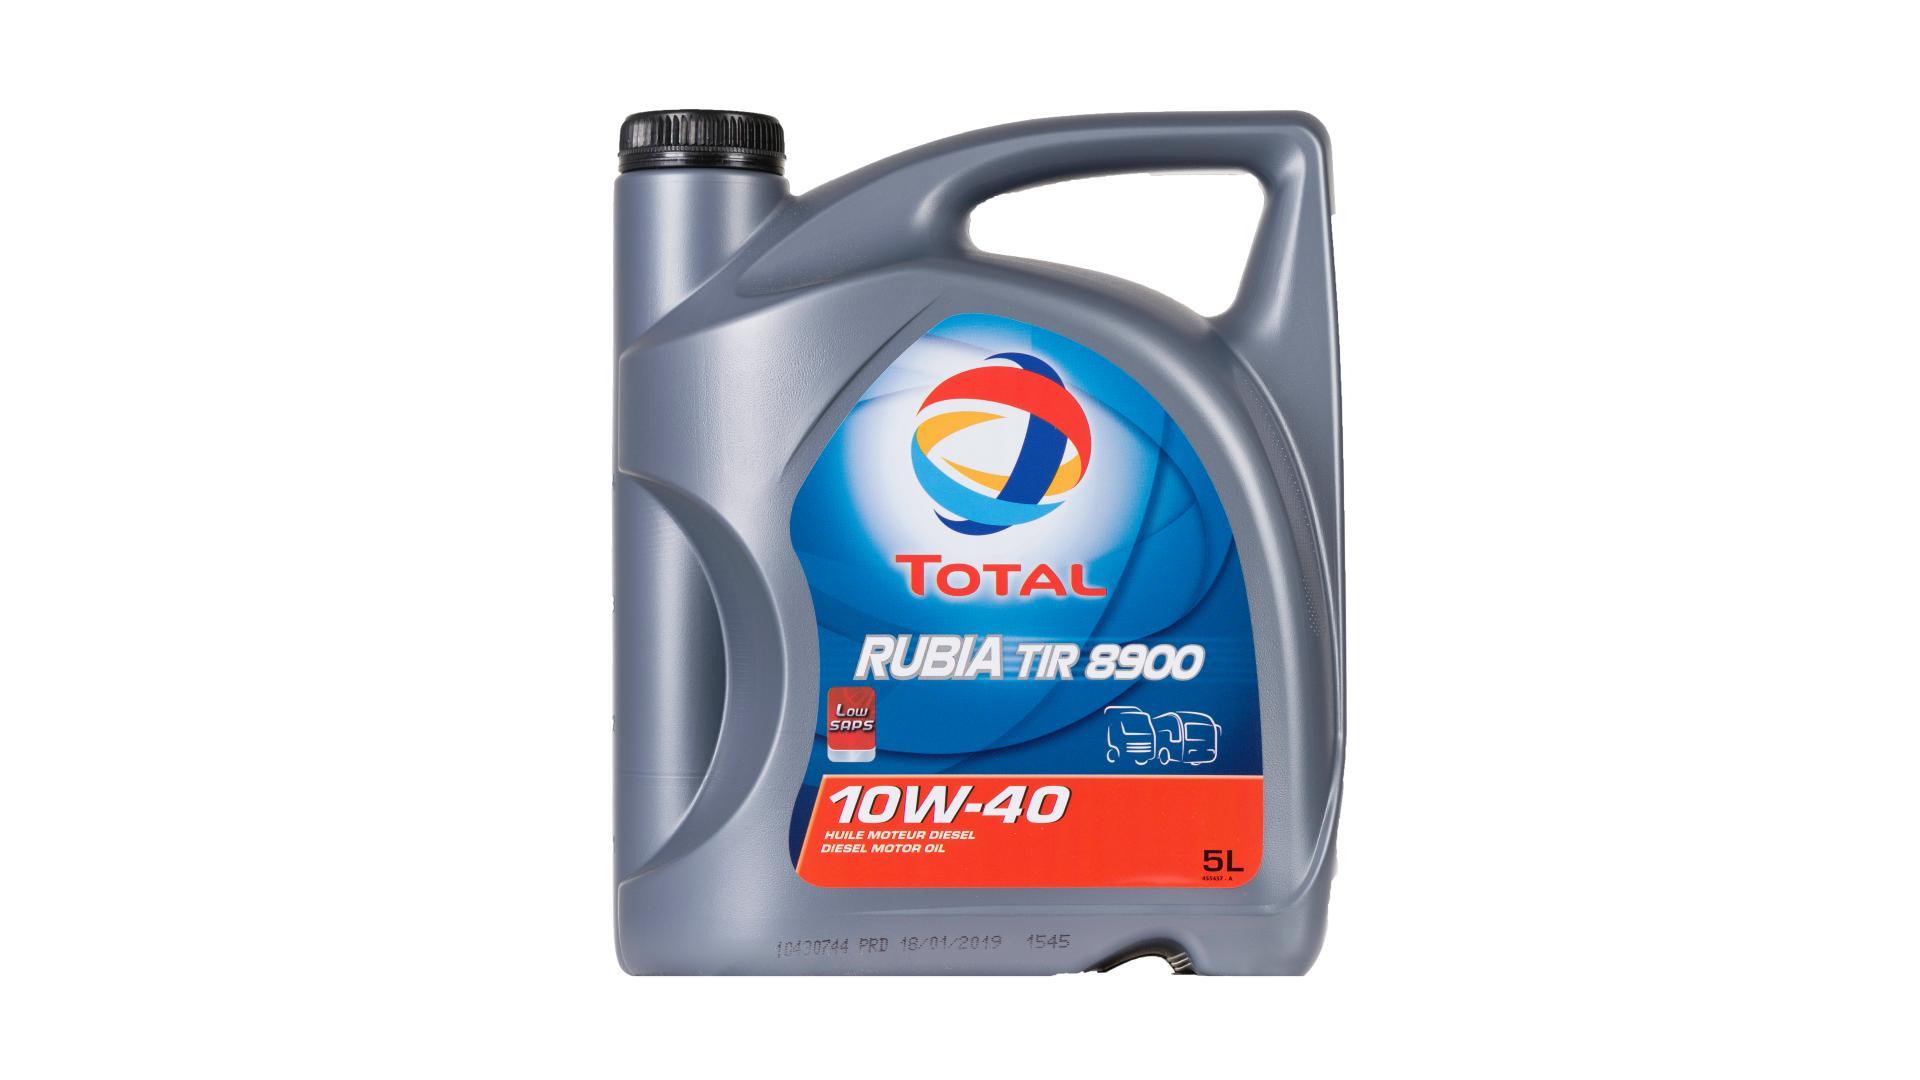 Total 10w-40 Rubia Tir 8600 5L (148590)